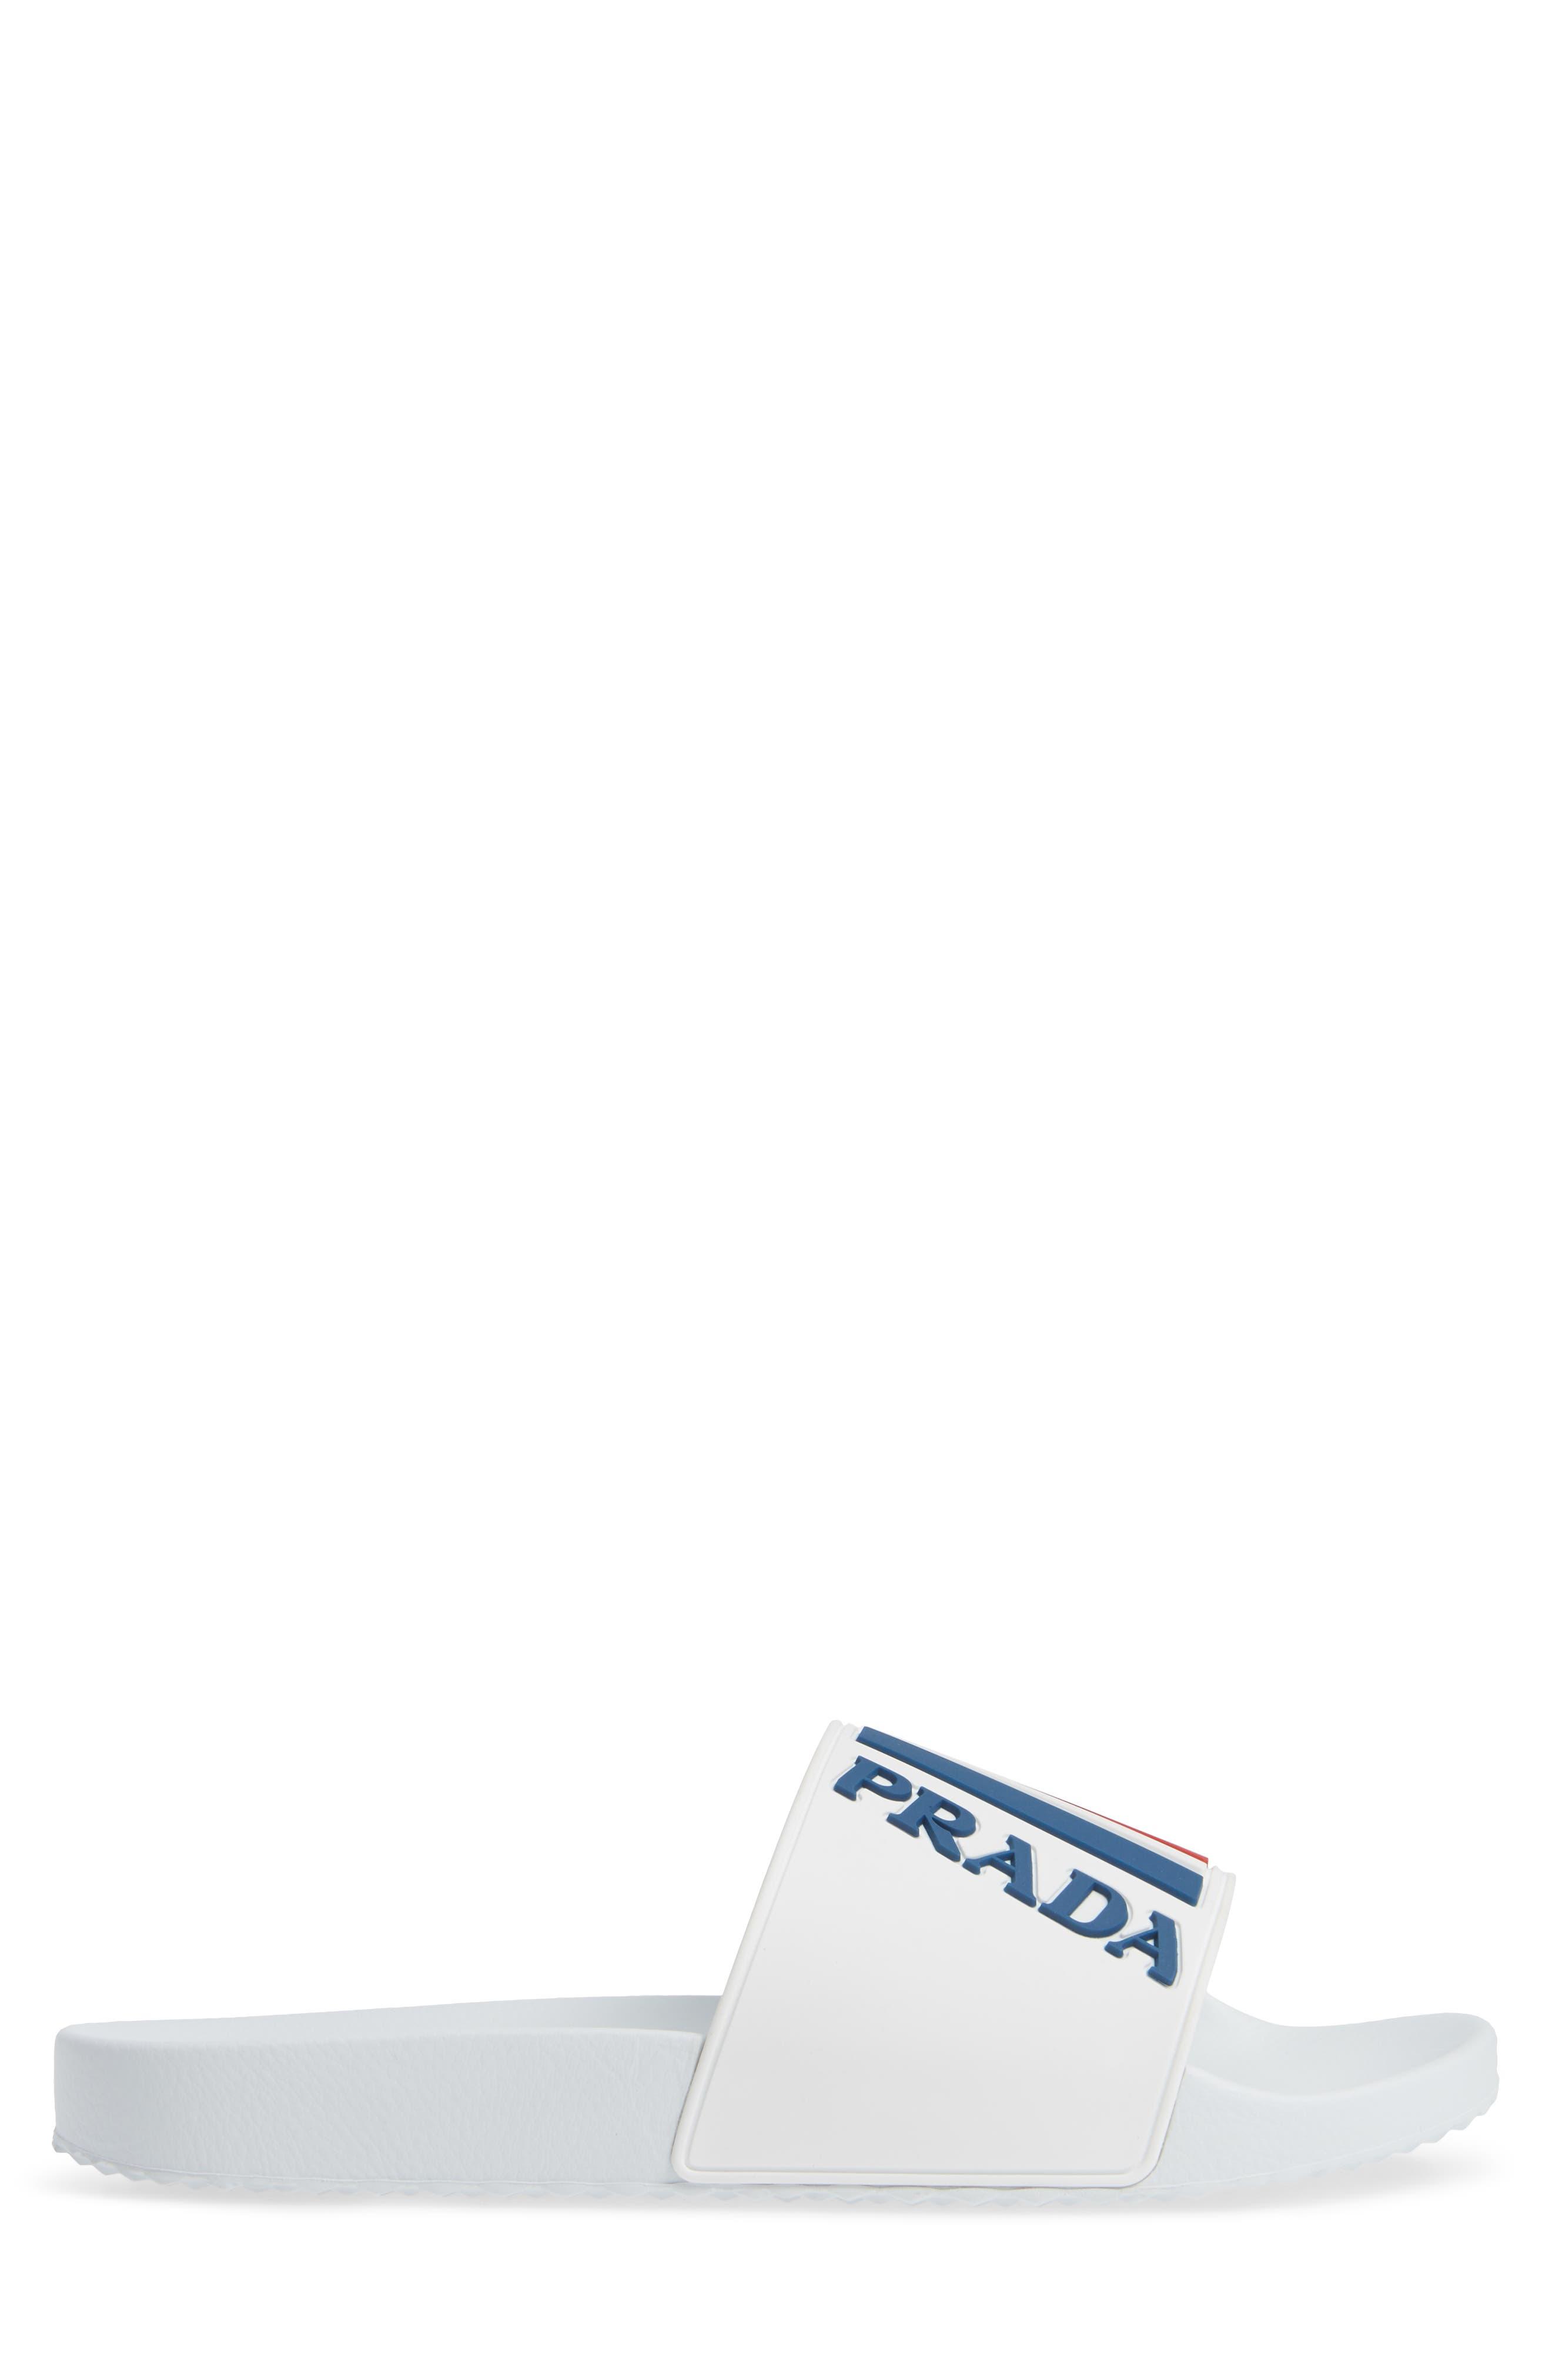 Linea Rossa Logo Slide Sandal,                             Alternate thumbnail 3, color,                             WHITE/ BLUE